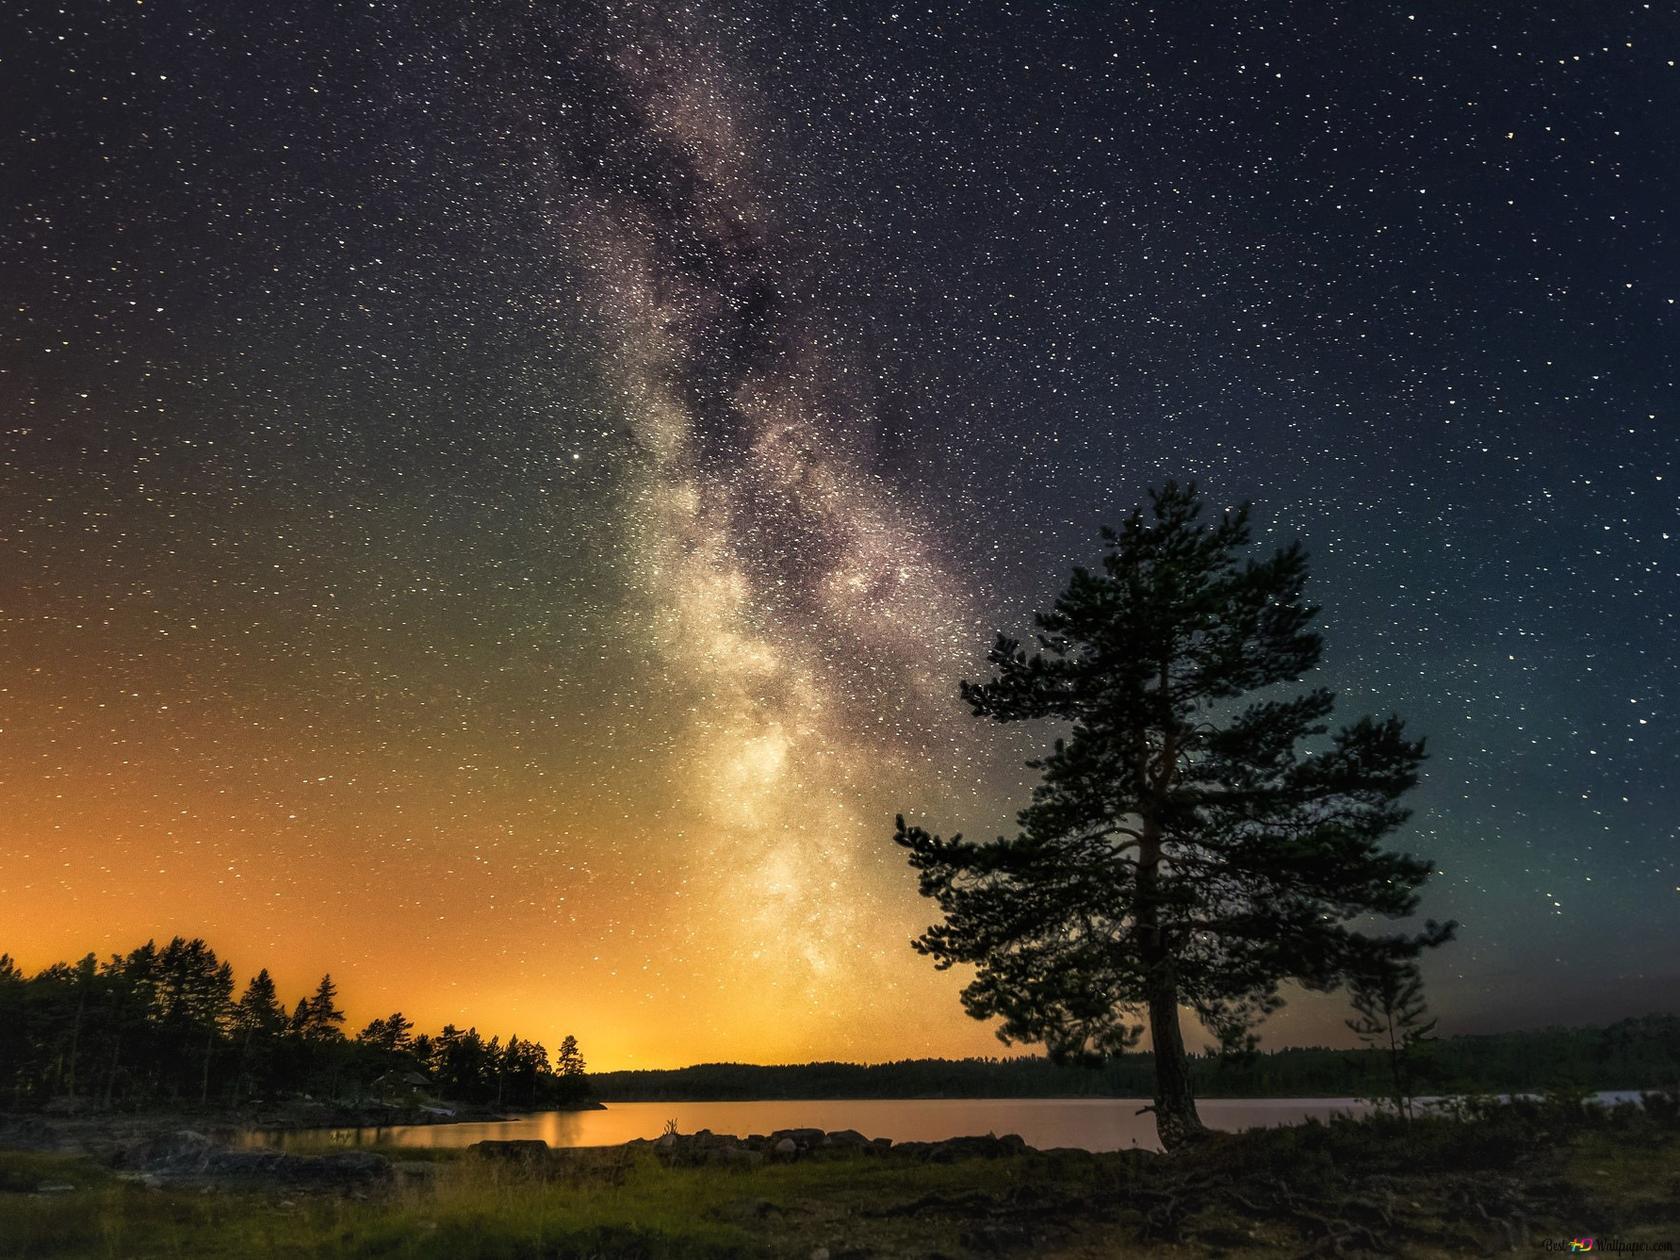 天の川の夜 Hd壁紙のダウンロード